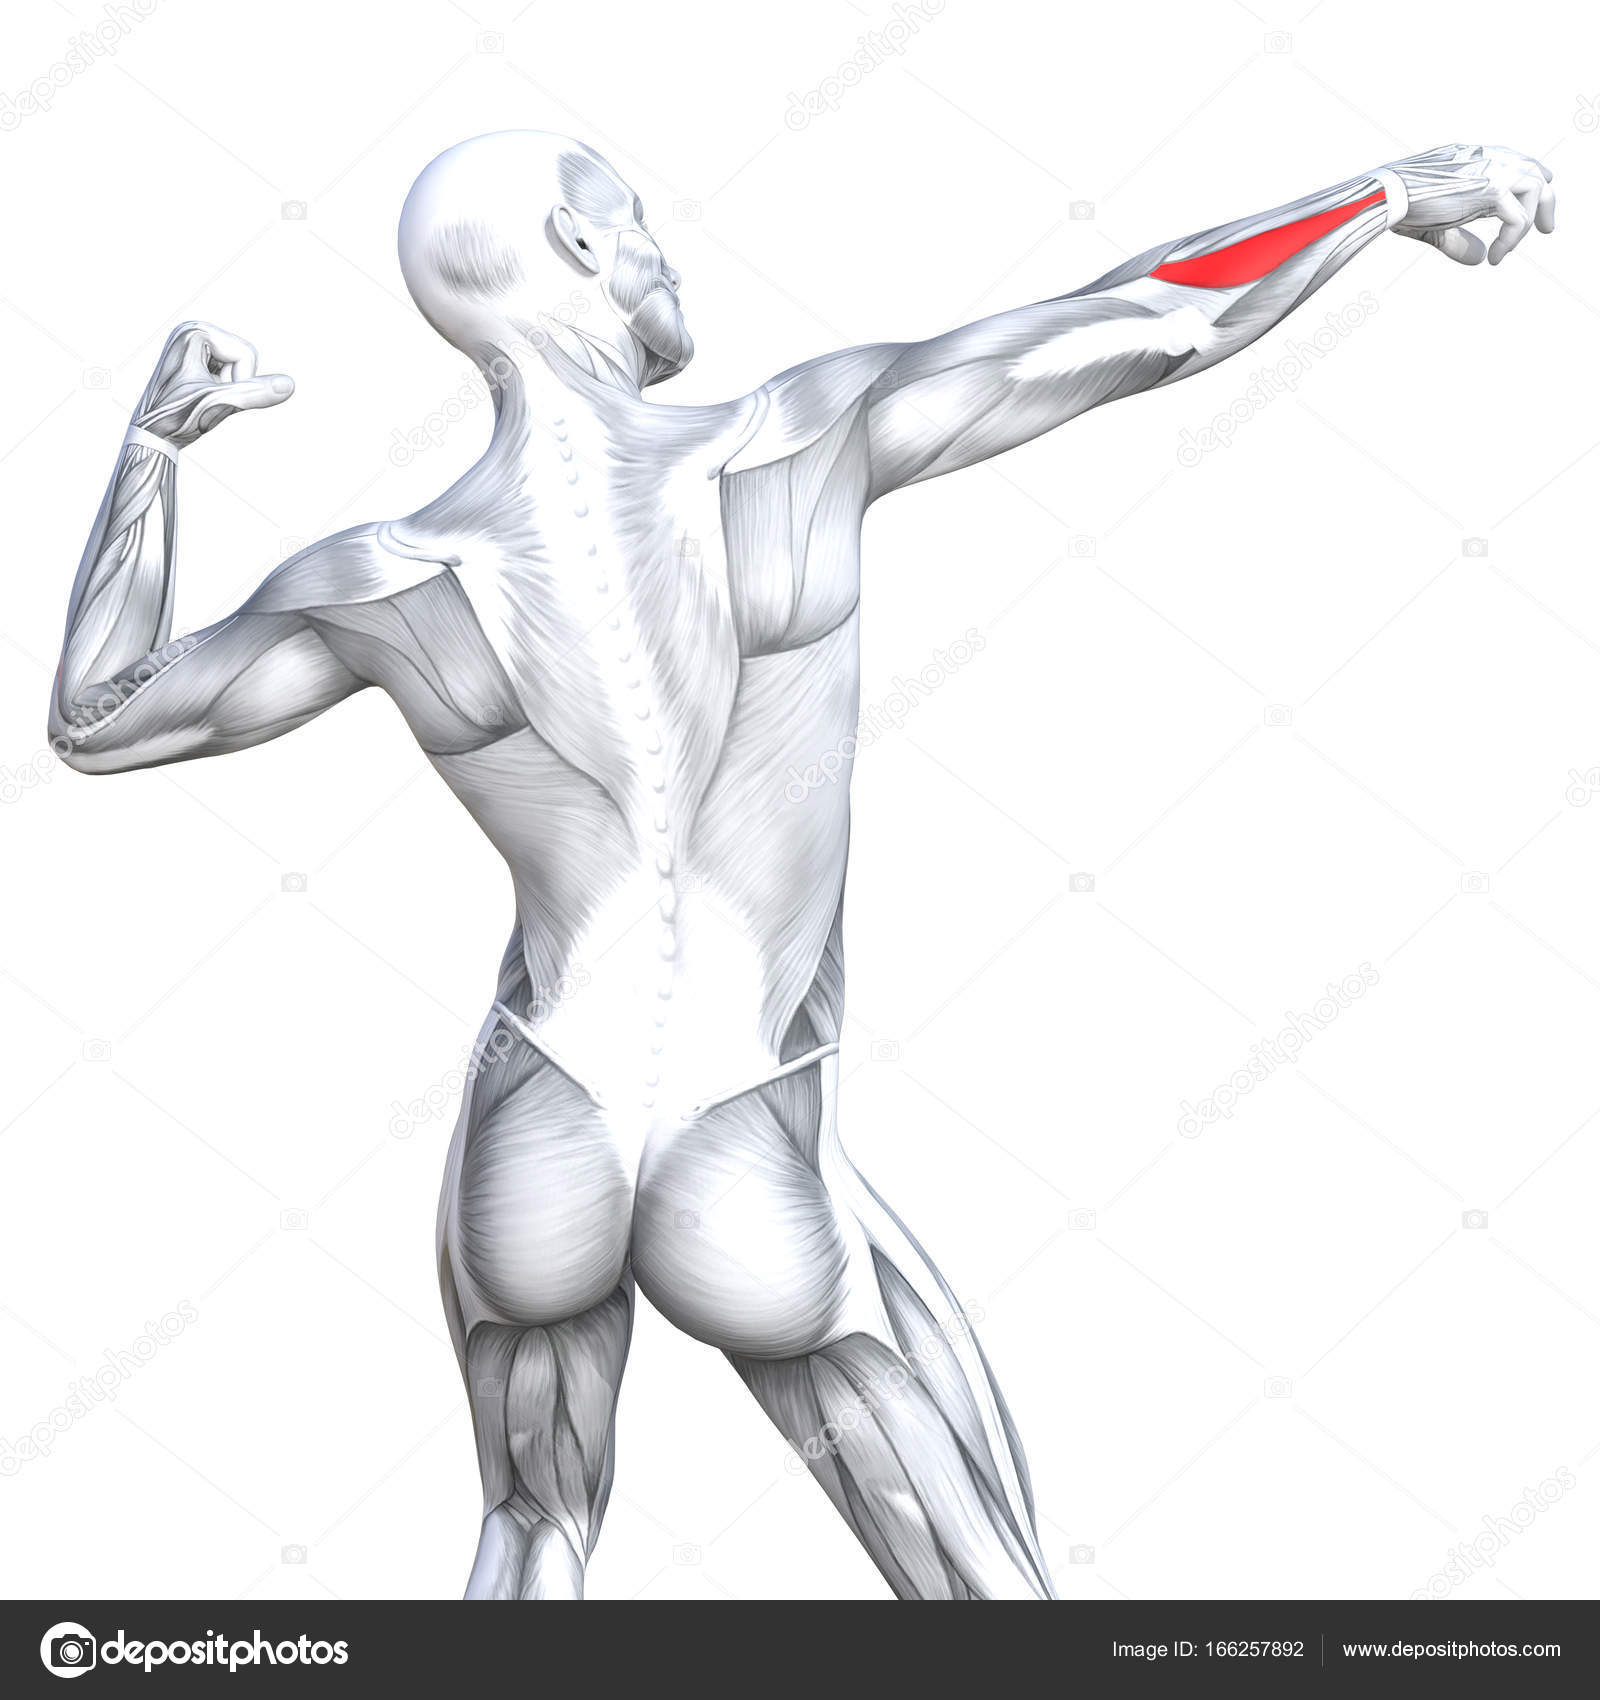 grundlegende menschliche Anatomie — Stockfoto © design36 #166257892